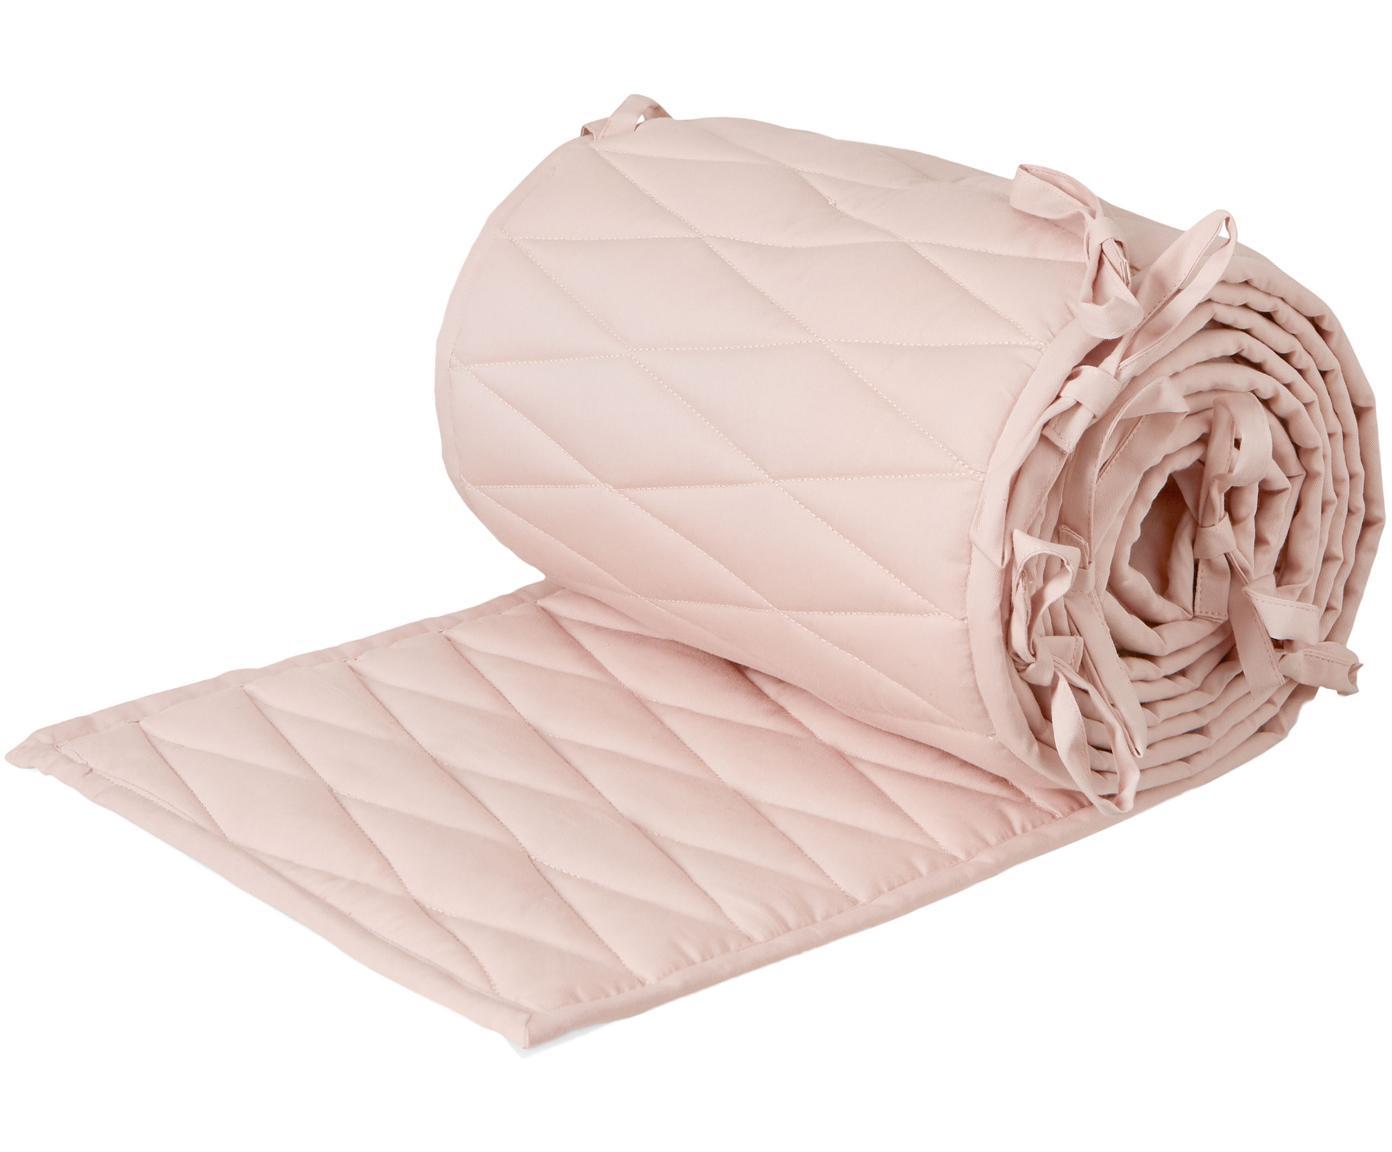 Bettnestchen Safe aus Bio-Baumwolle, Bezug: Bio-Baumwolle, Rosa, 30 x 365 cm